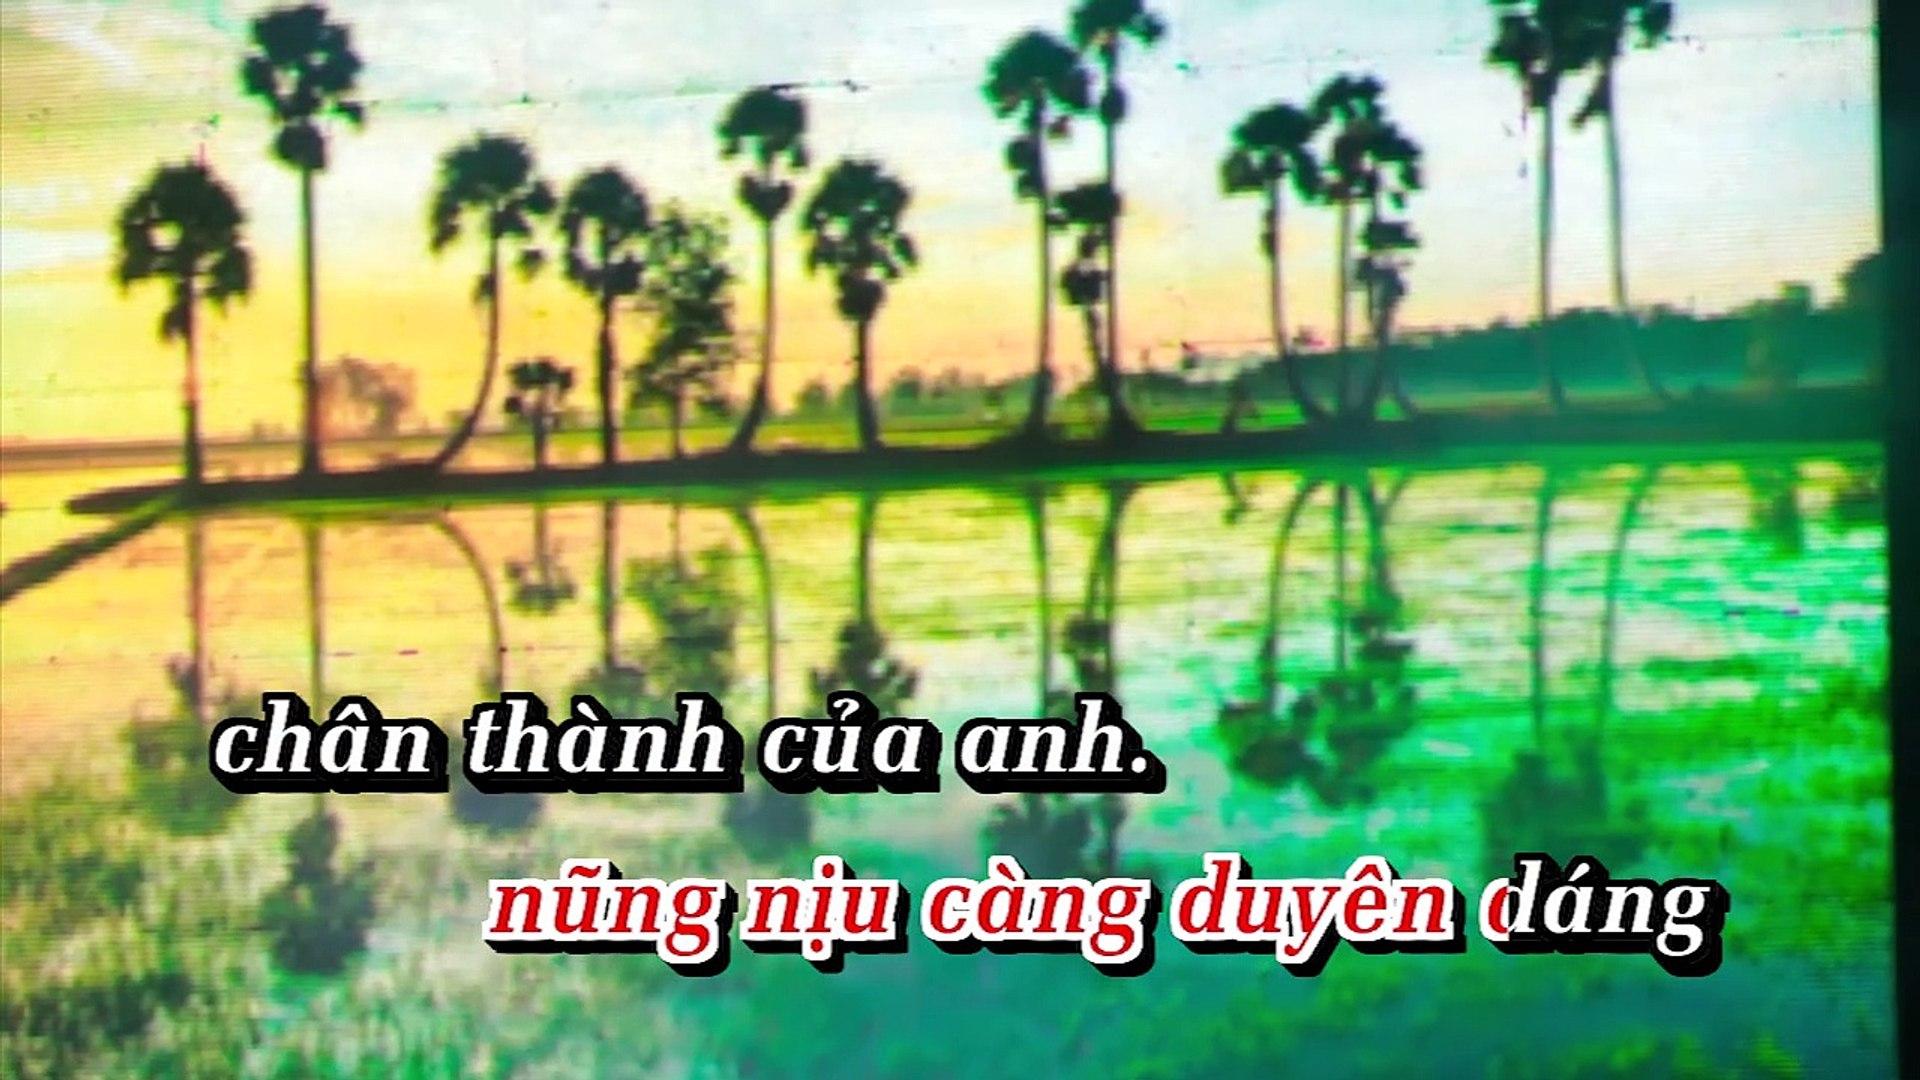 [Karaoke] Ninh Kiều Em Gái Cần Thơ - Dương Hồng Loan [Beat]